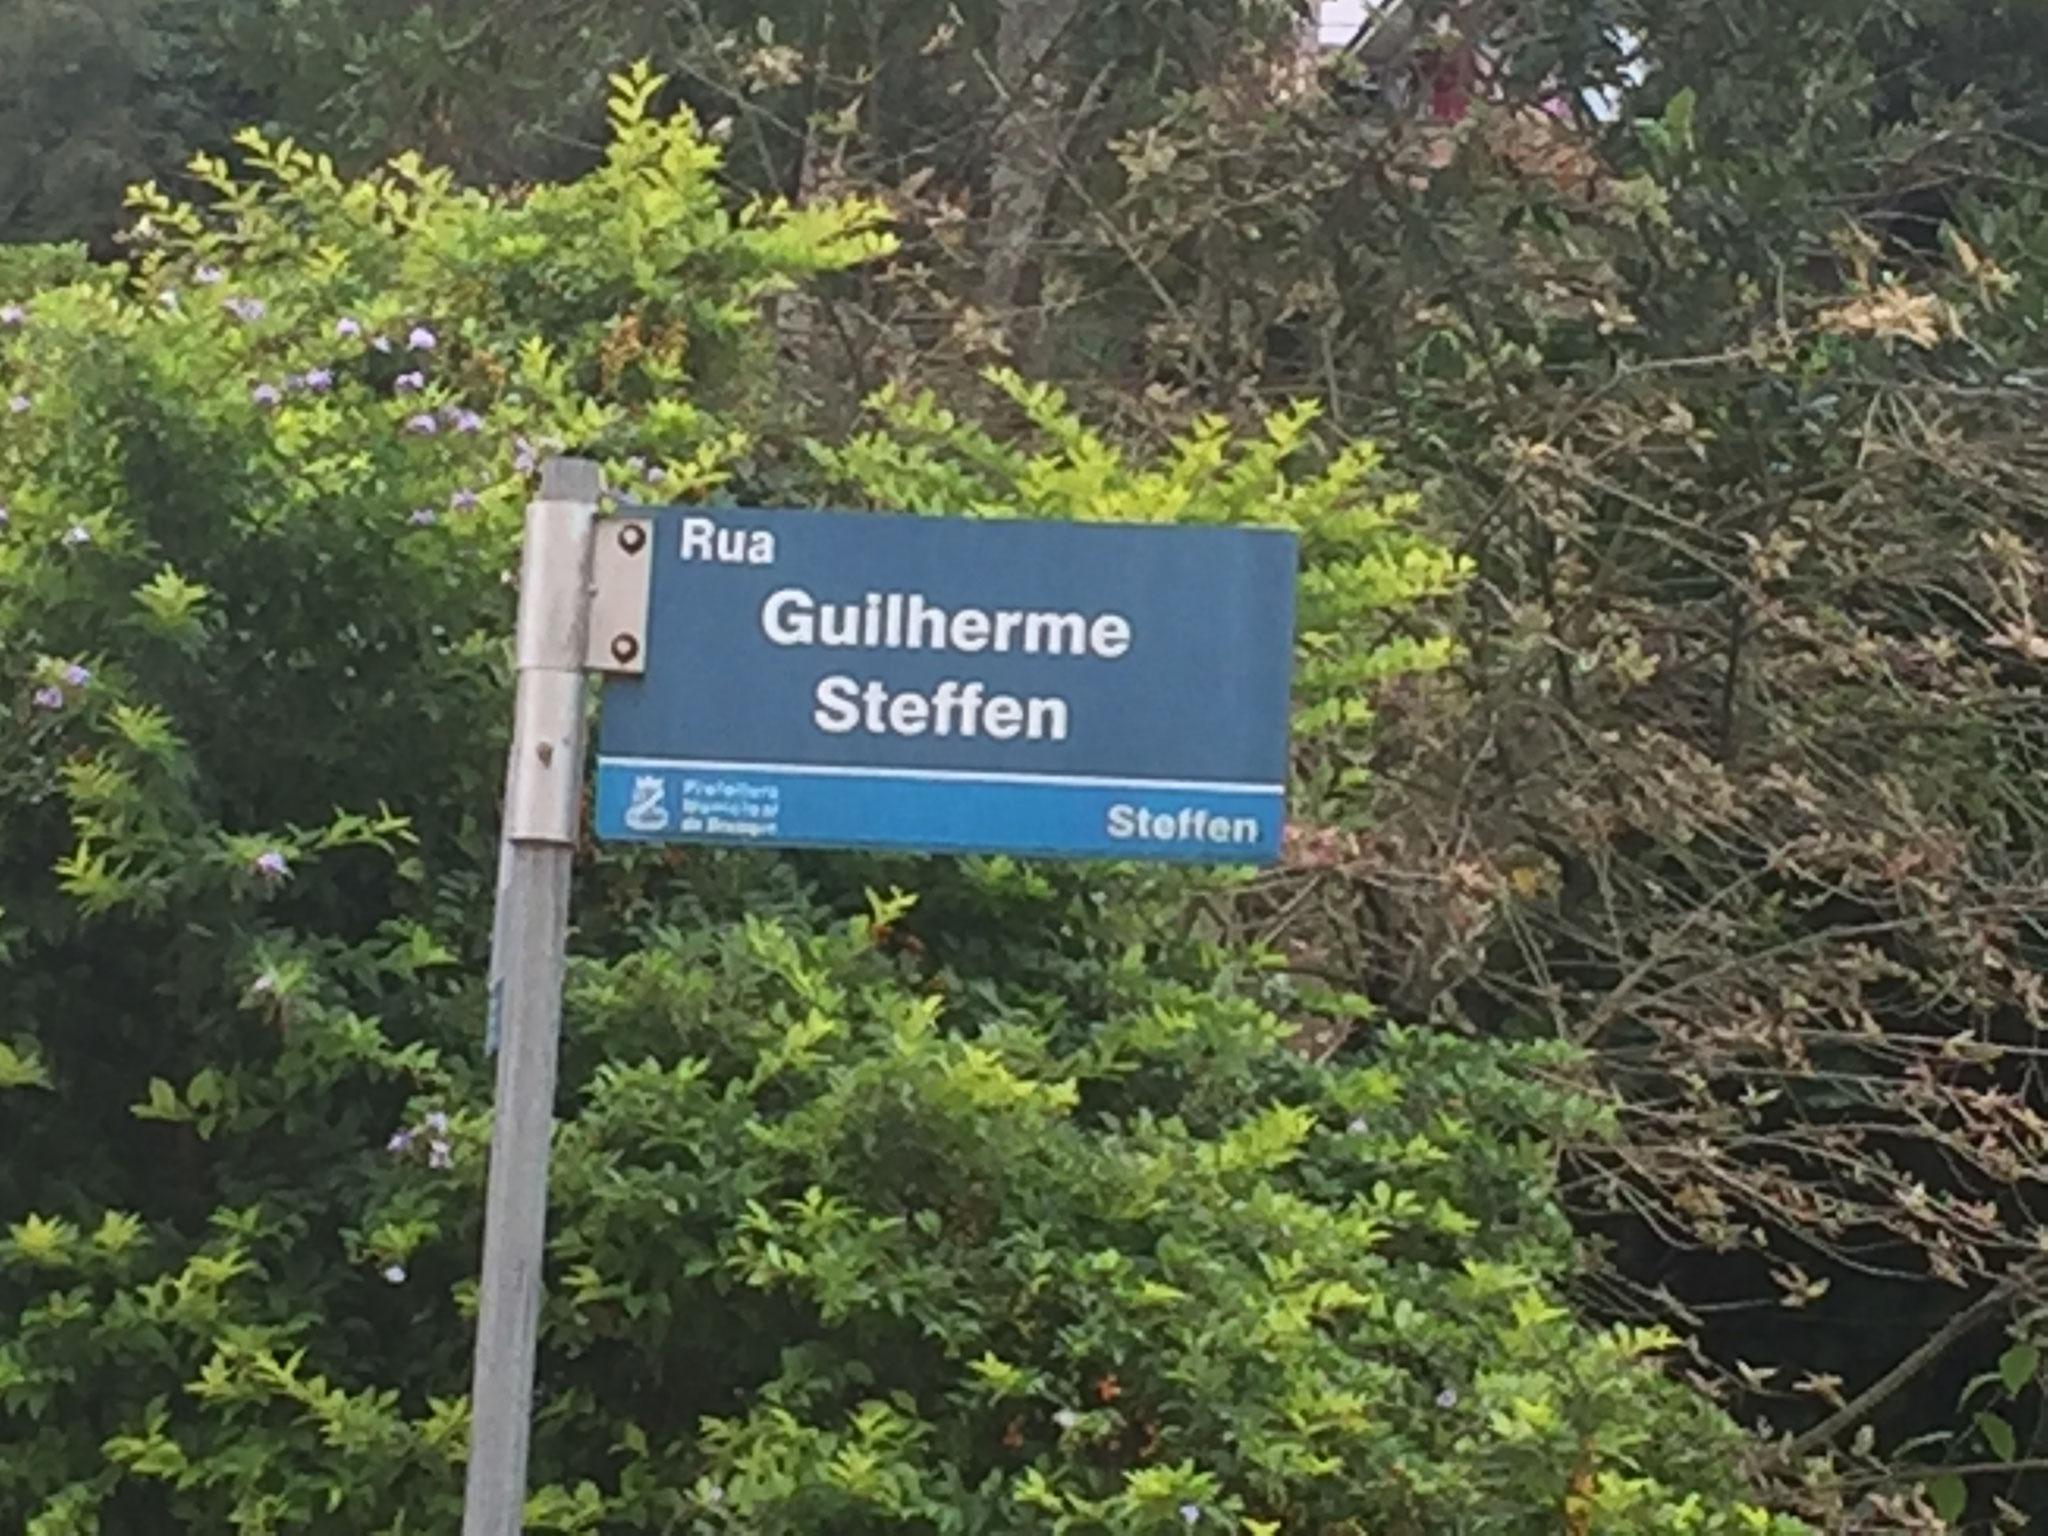 Strassen mit dem Namen Steffen